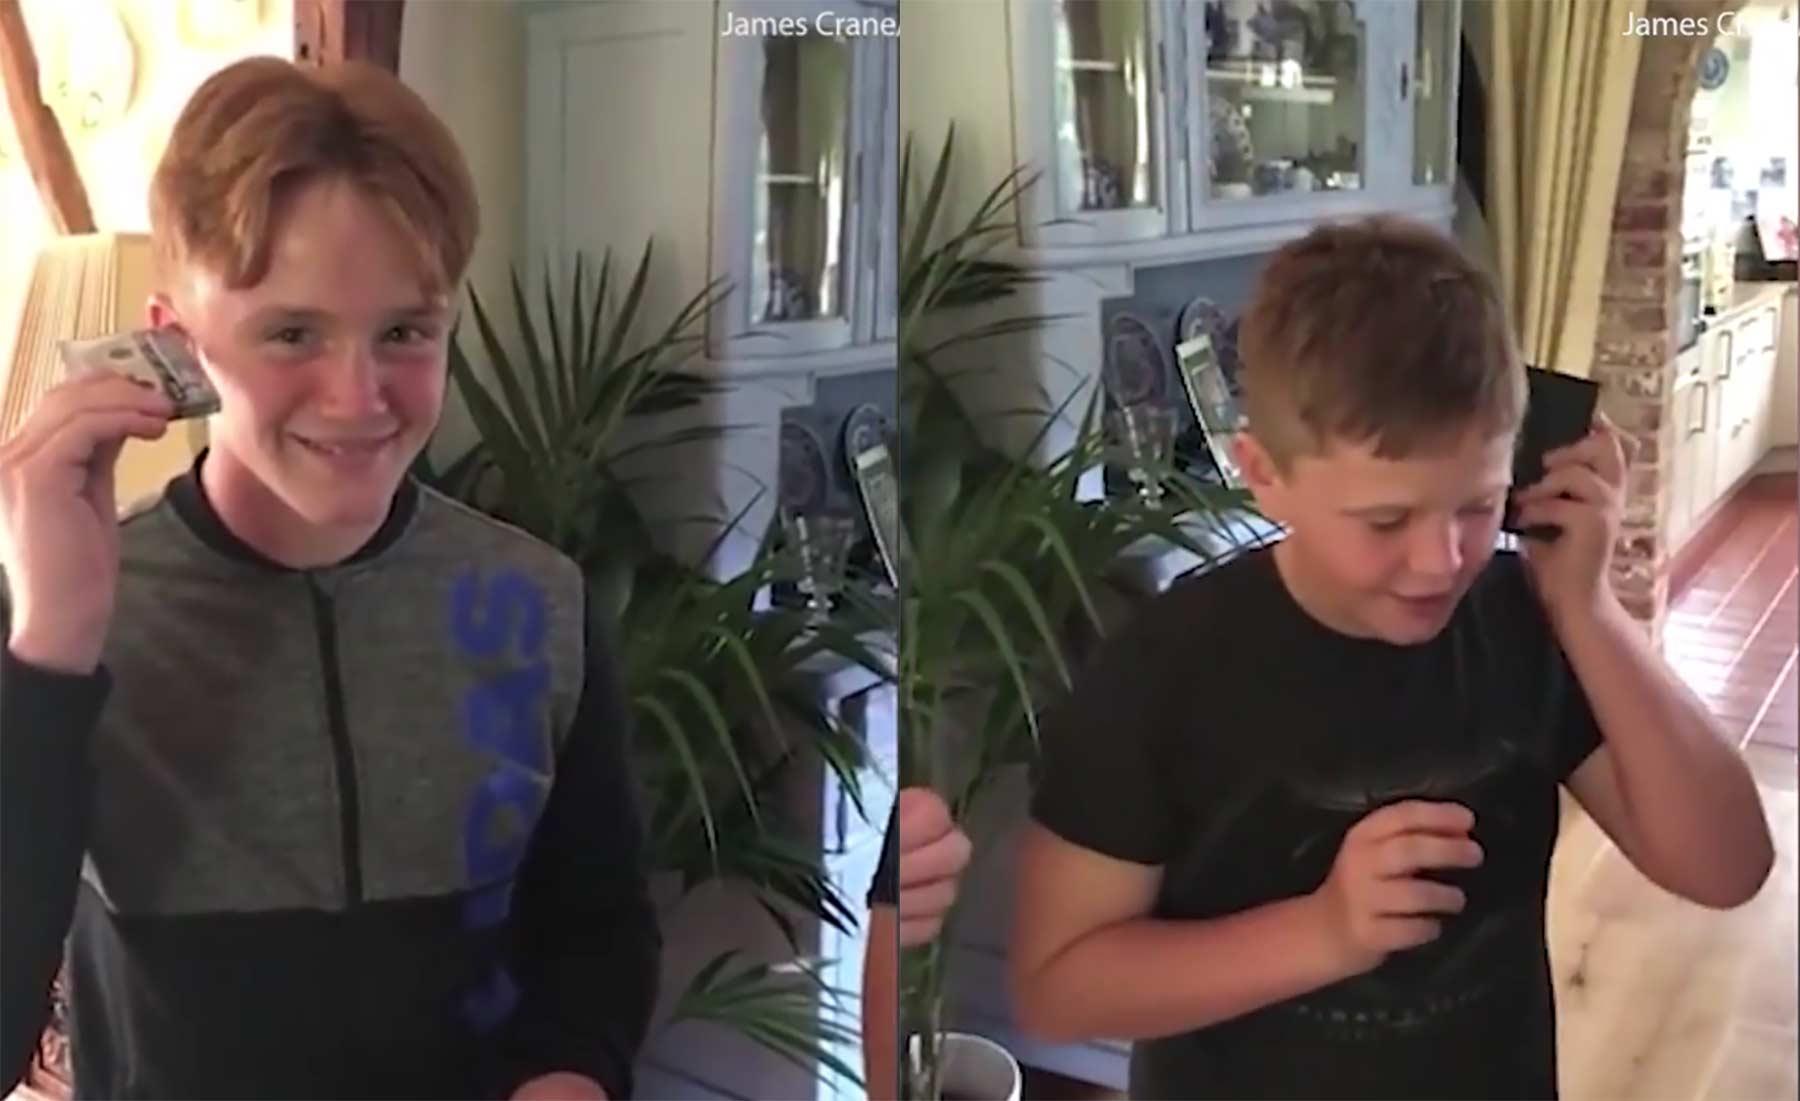 Kids versuchen vergeblich, Musik aus einer Kassette zu bekommen kassetten-fail-kinder